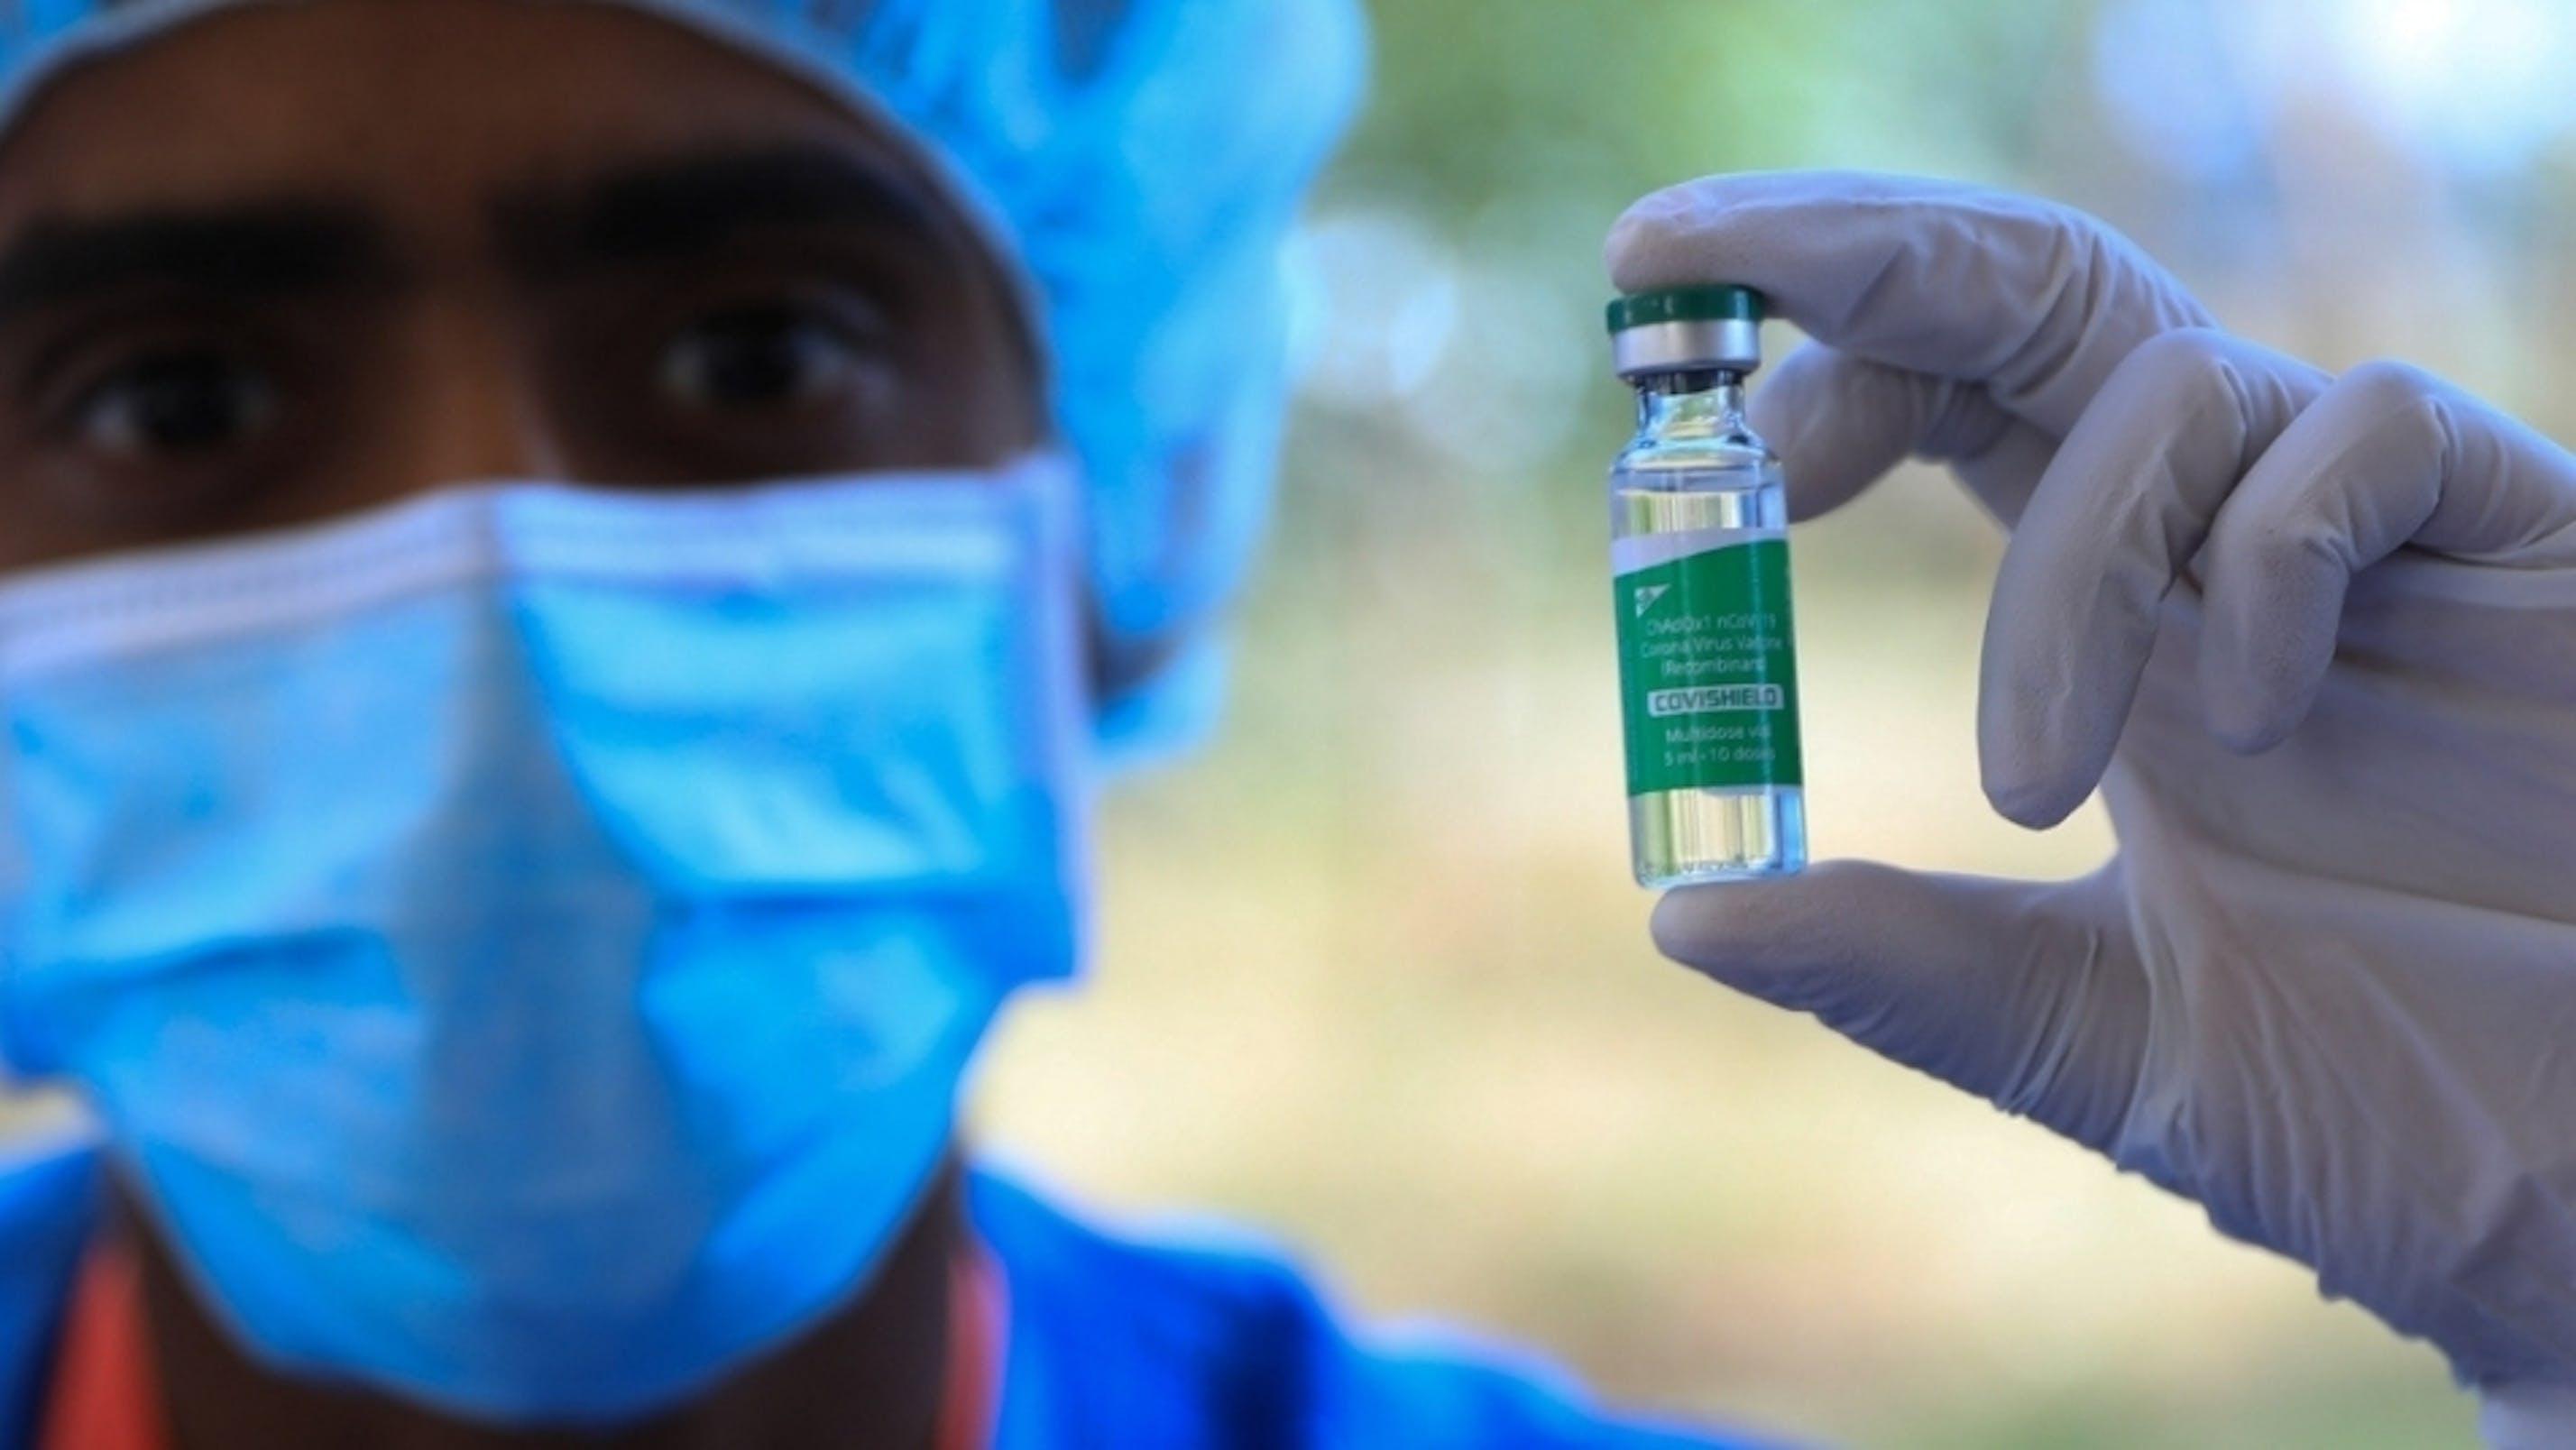 Covax - vacciniamo il mondo